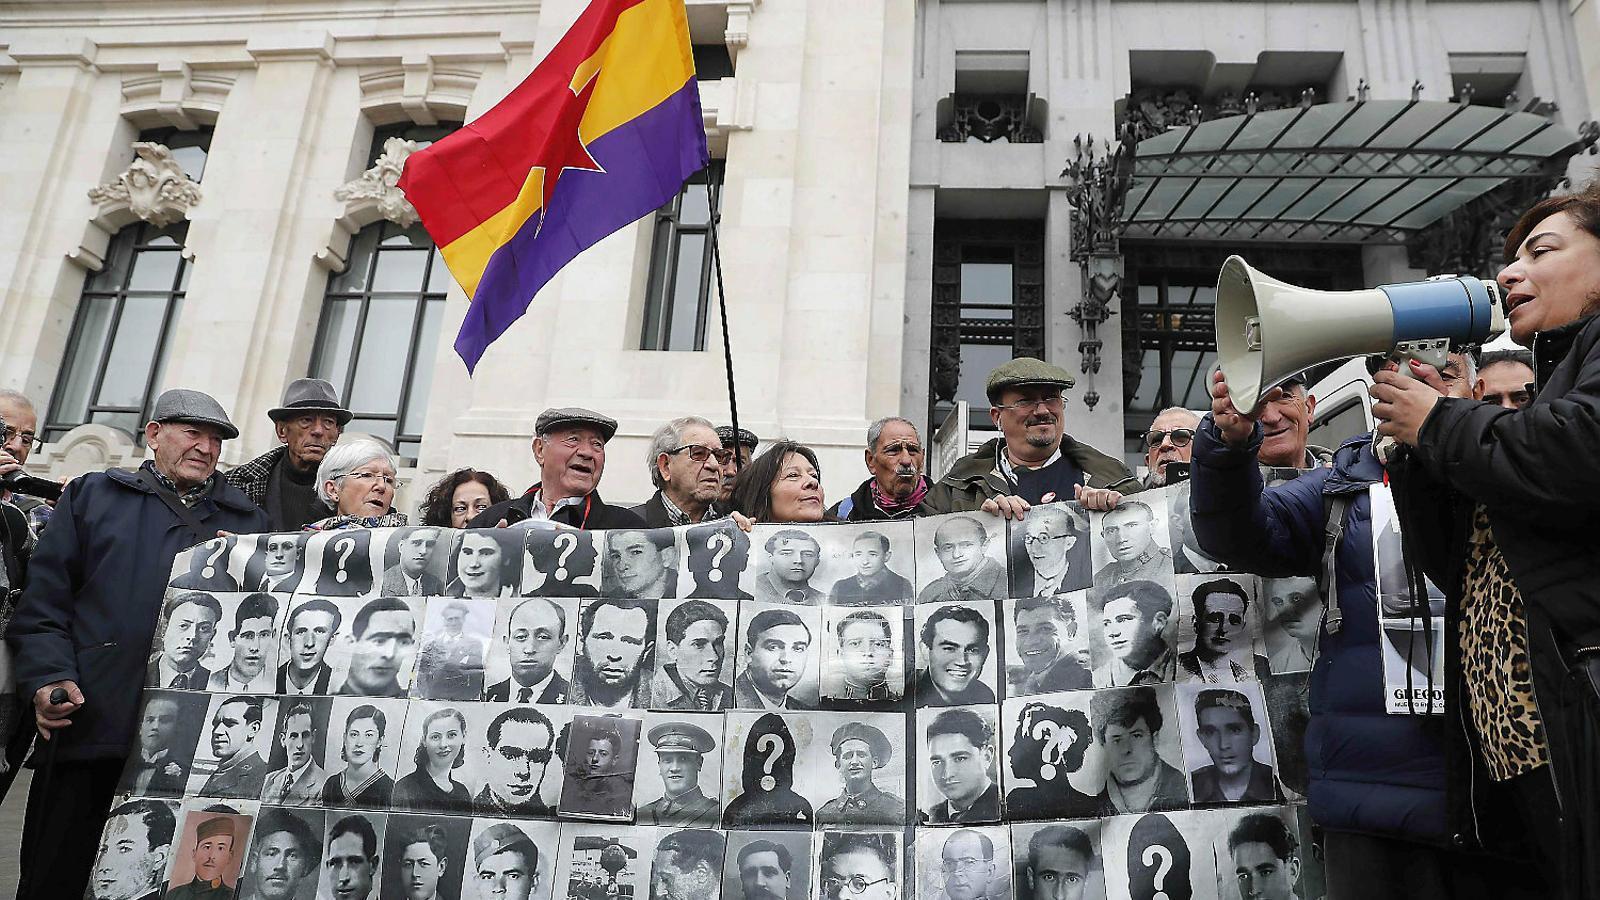 L'Ajuntament de Madrid arrenca les plaques amb noms de víctimes del franquisme del cementiri de l'Almudena